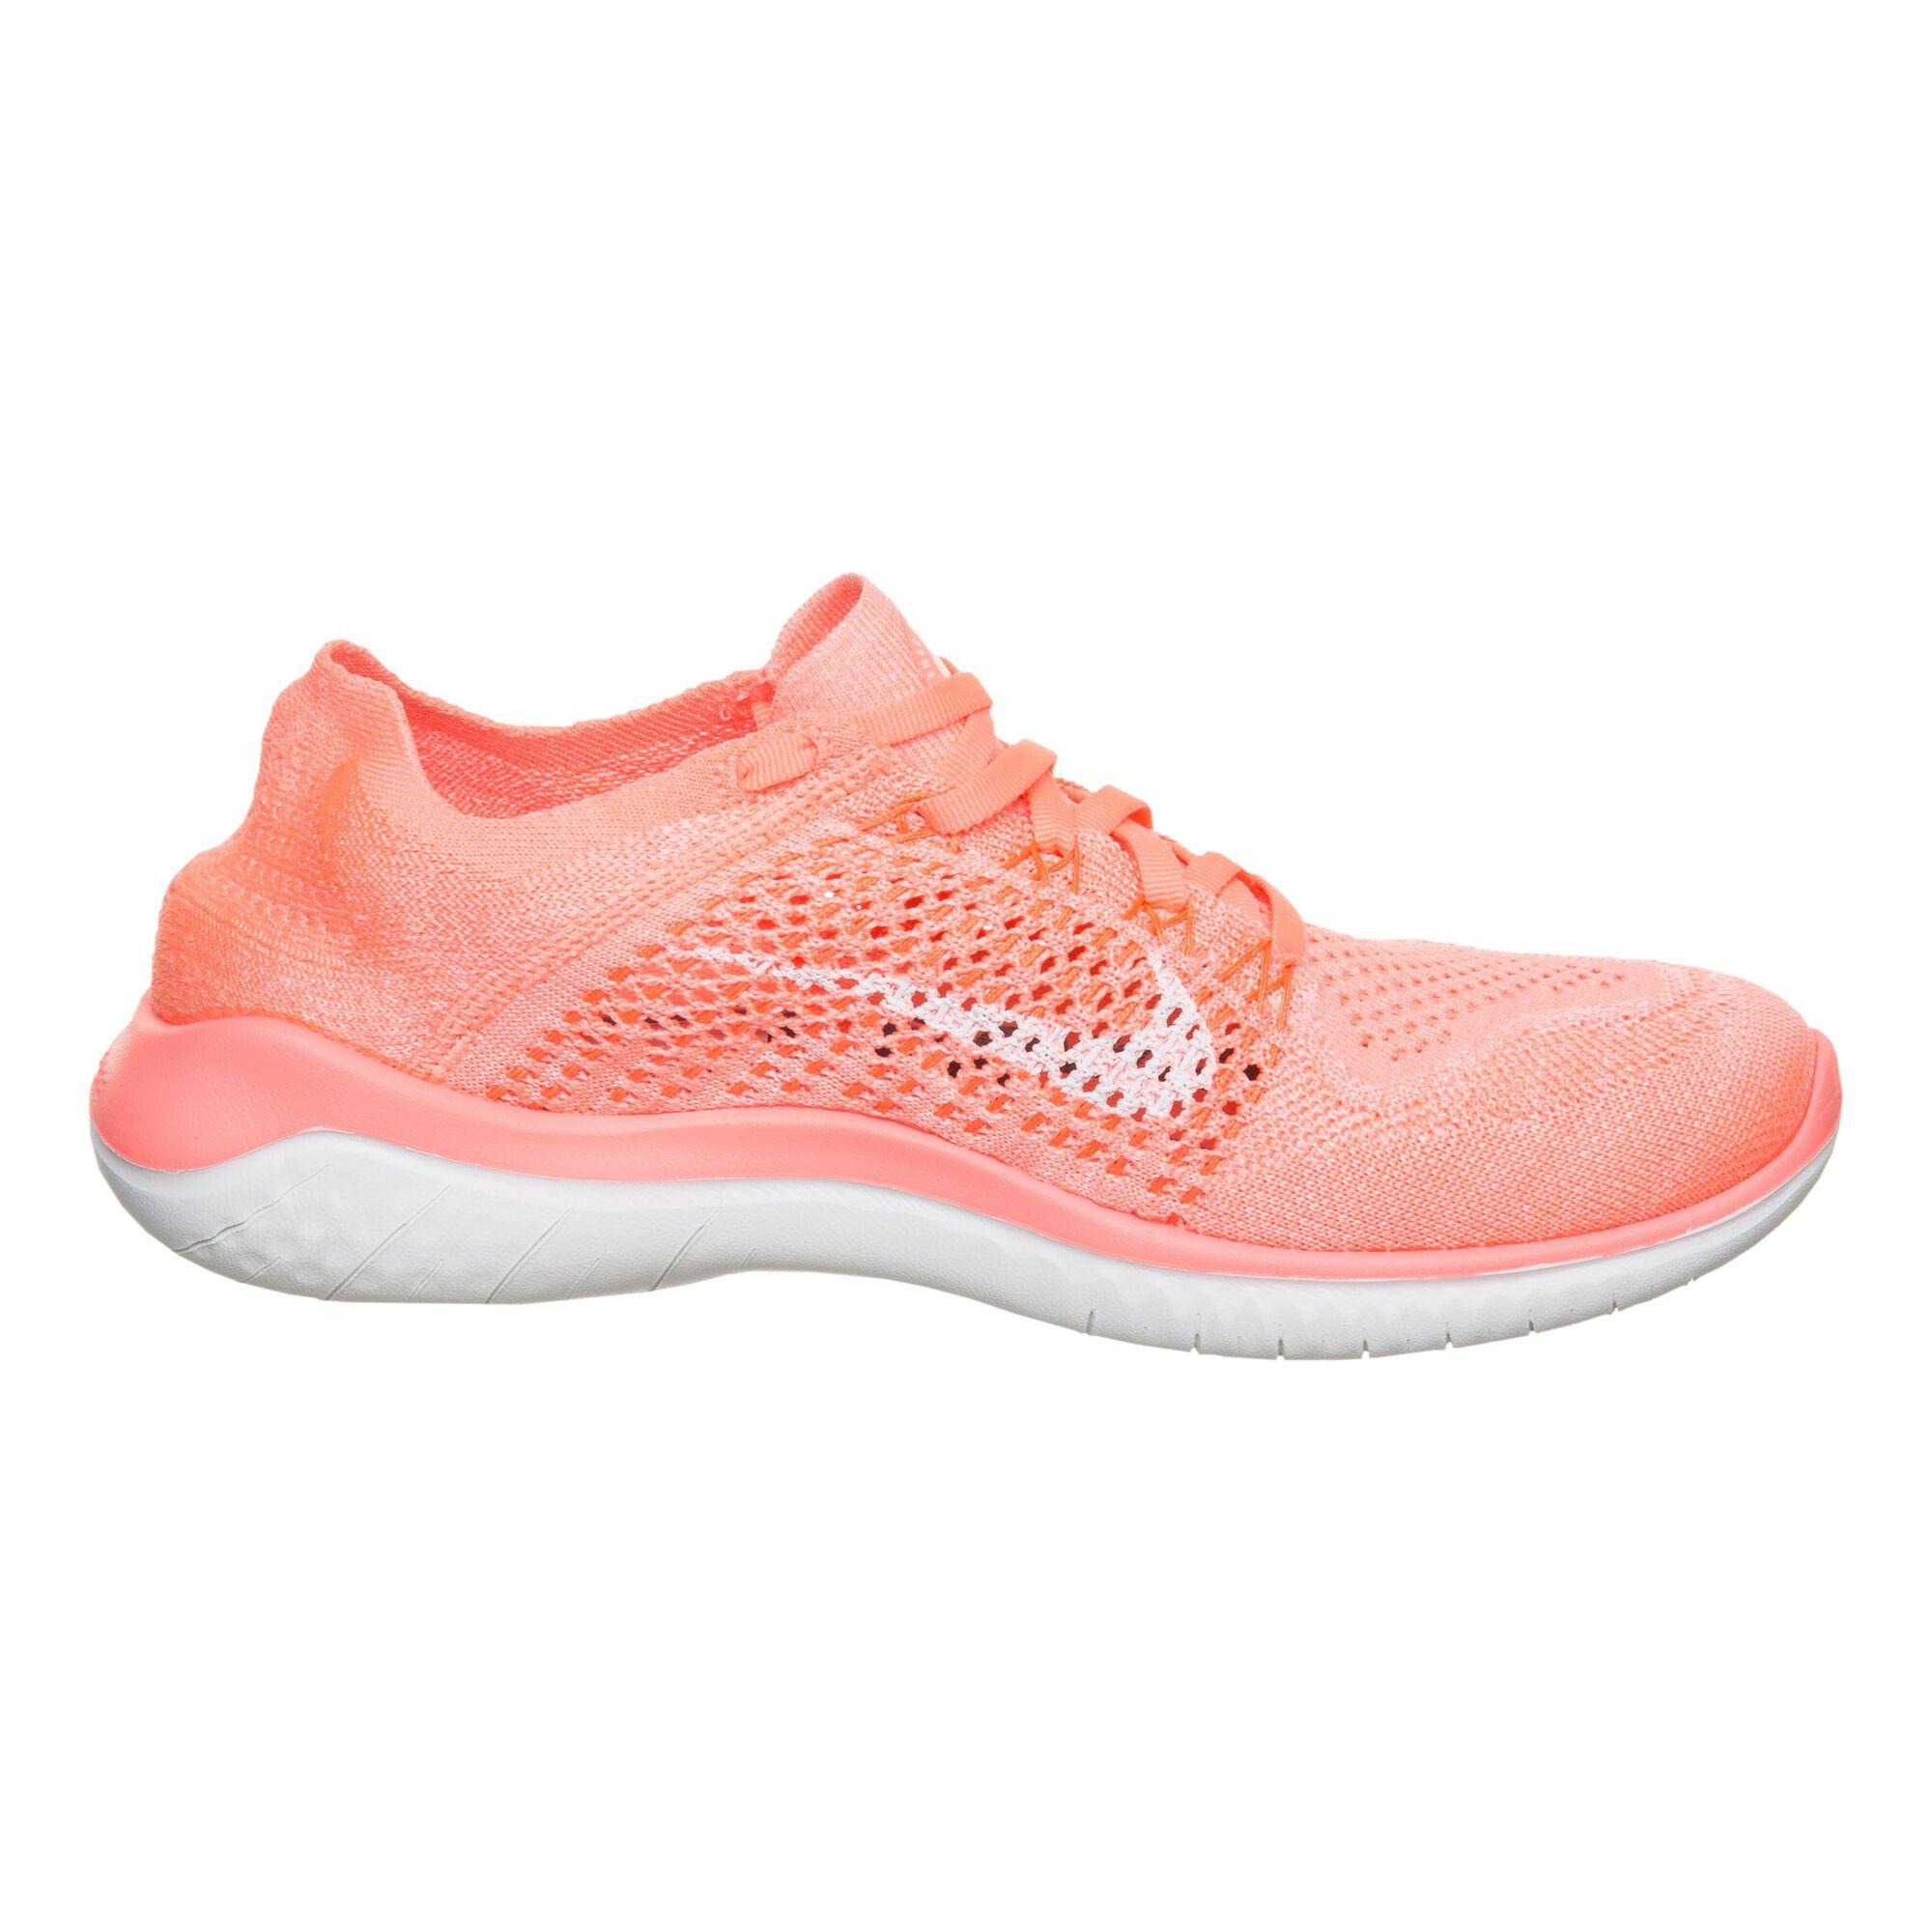 749fa83ddda6 Nike · Nike · Nike · Nike · Nike · Nike · Nike · Nike · Nike · Nike. Free  Run Flyknit 2018 ...